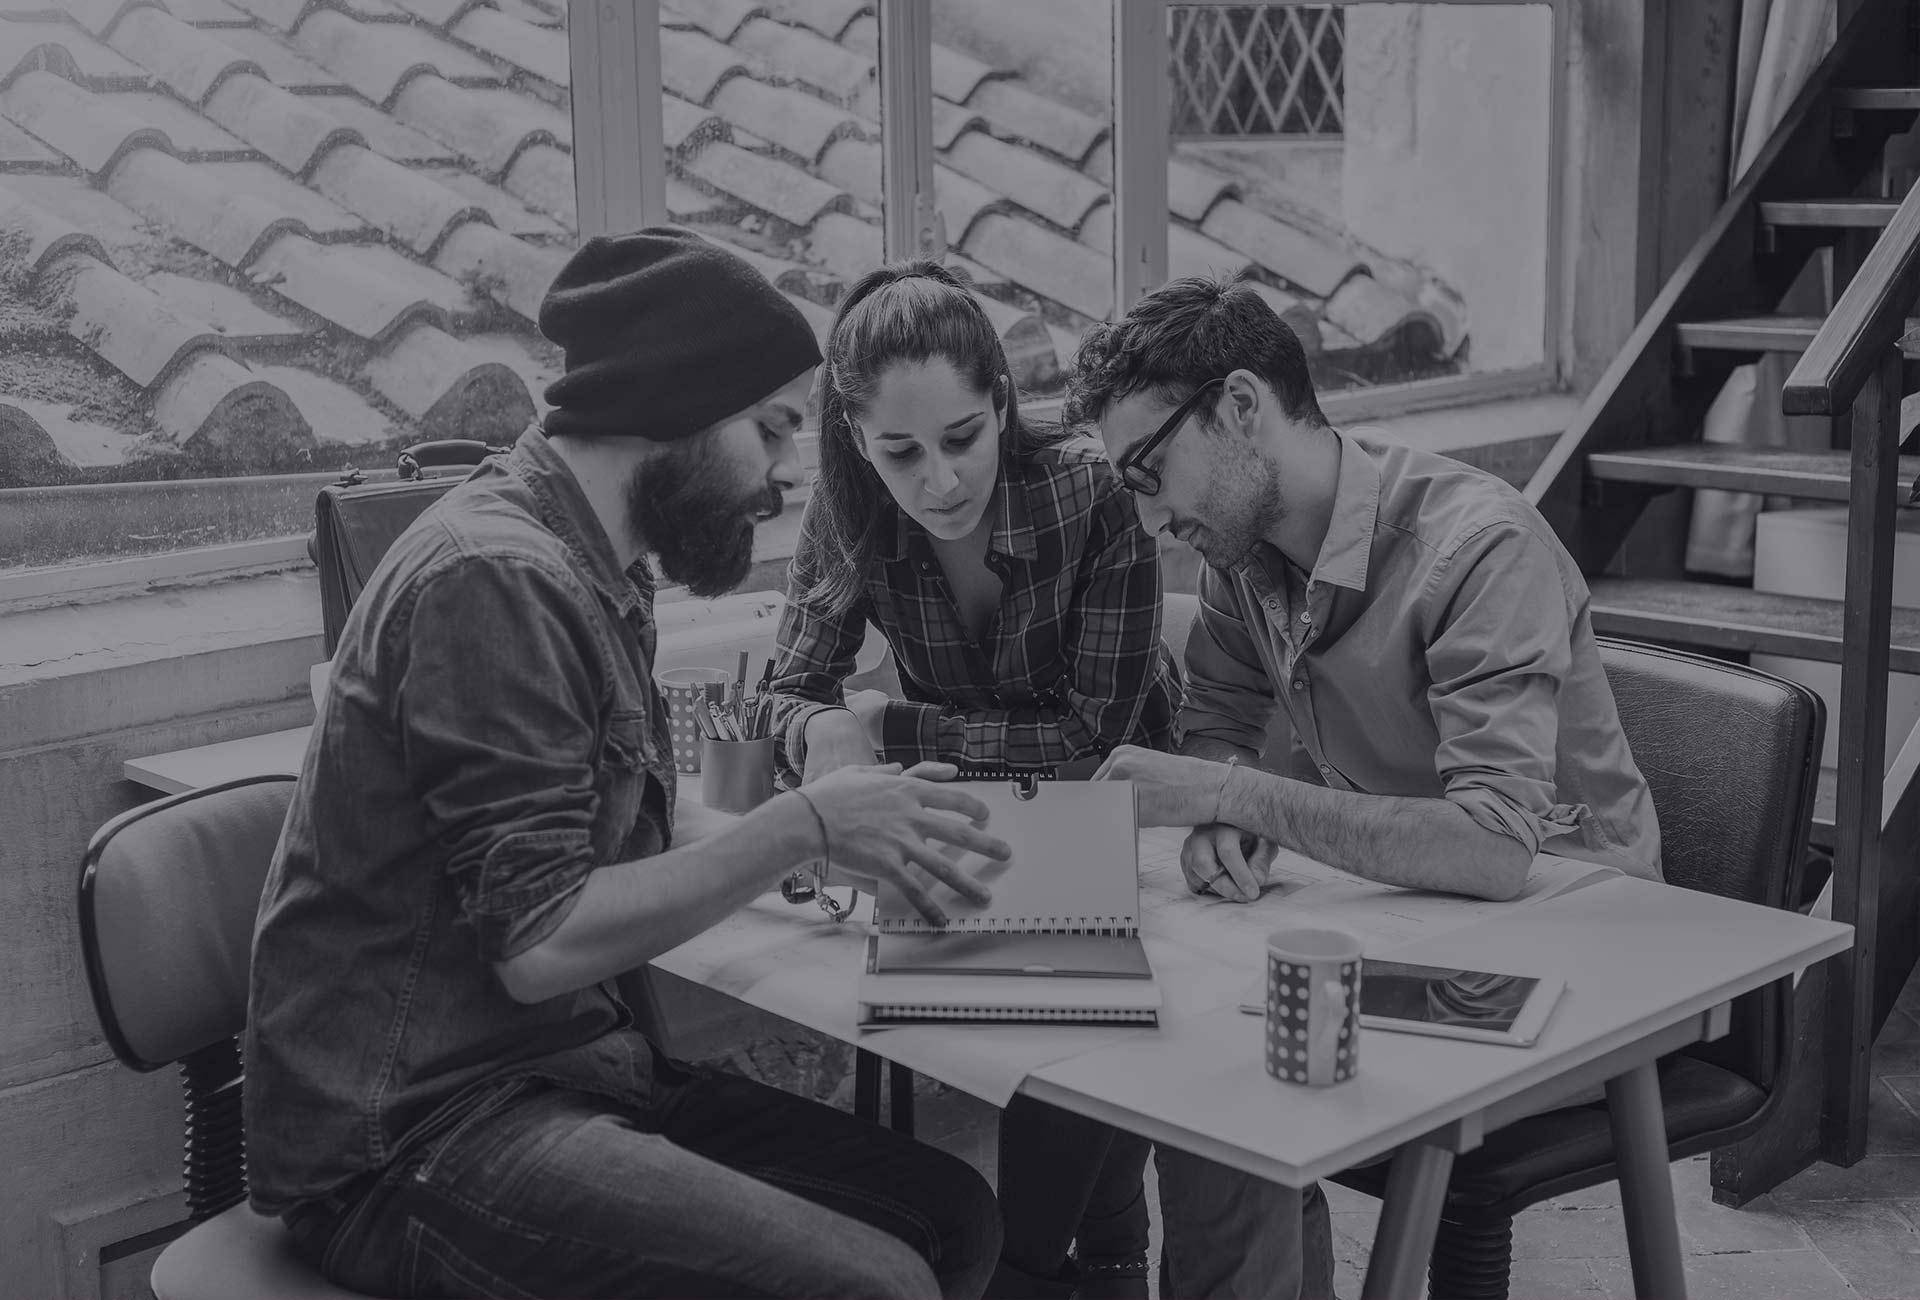 Loft44 - uma equipe multilíngue de profissionais de marketing digital, designers e programadores.